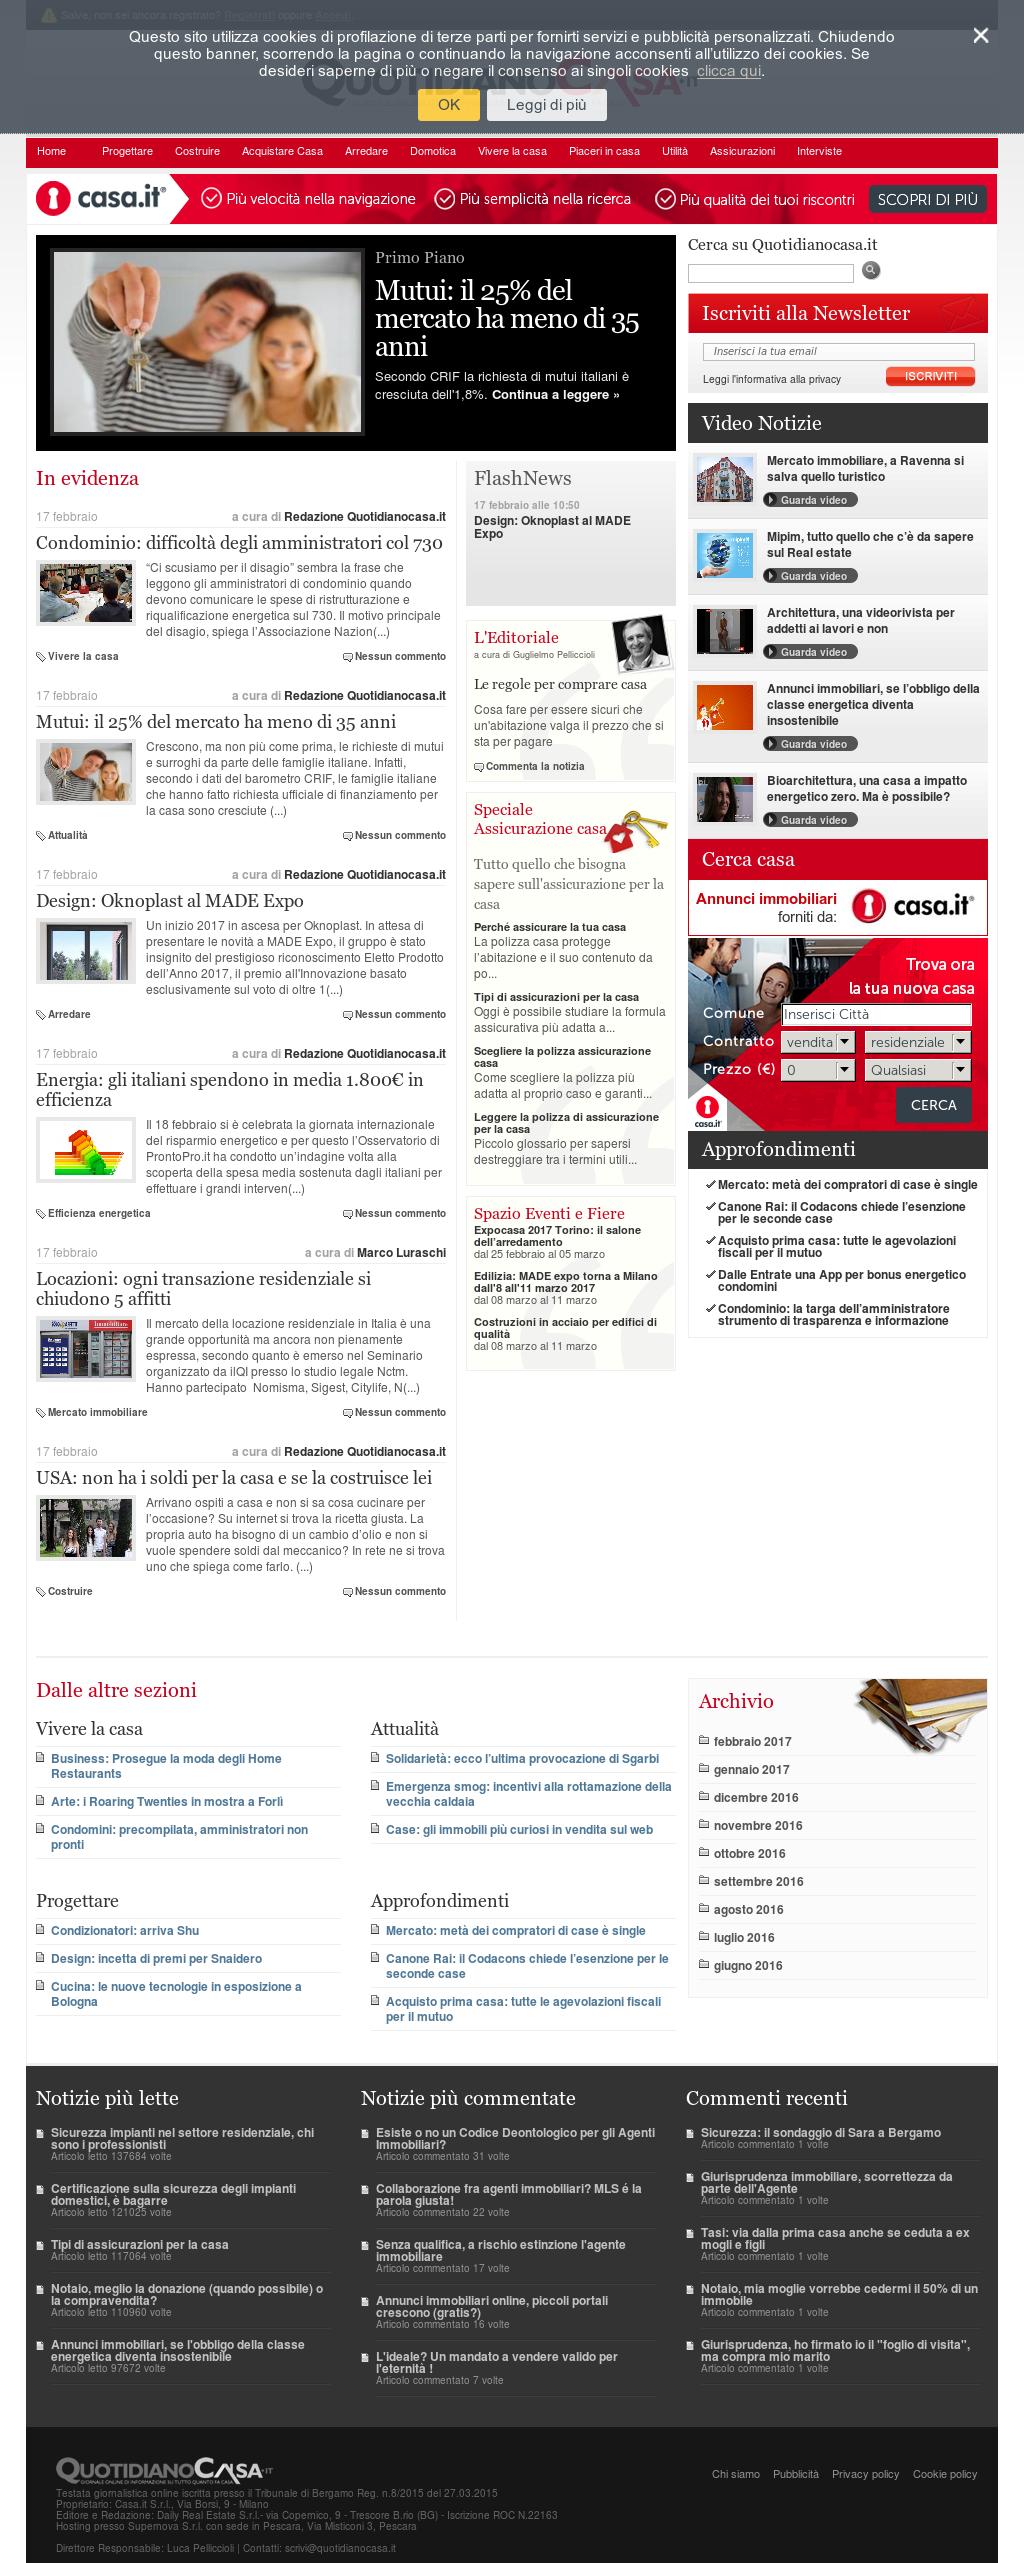 Cosa Cucinare Ad Agosto felix a marino competitors, revenue and employees - owler